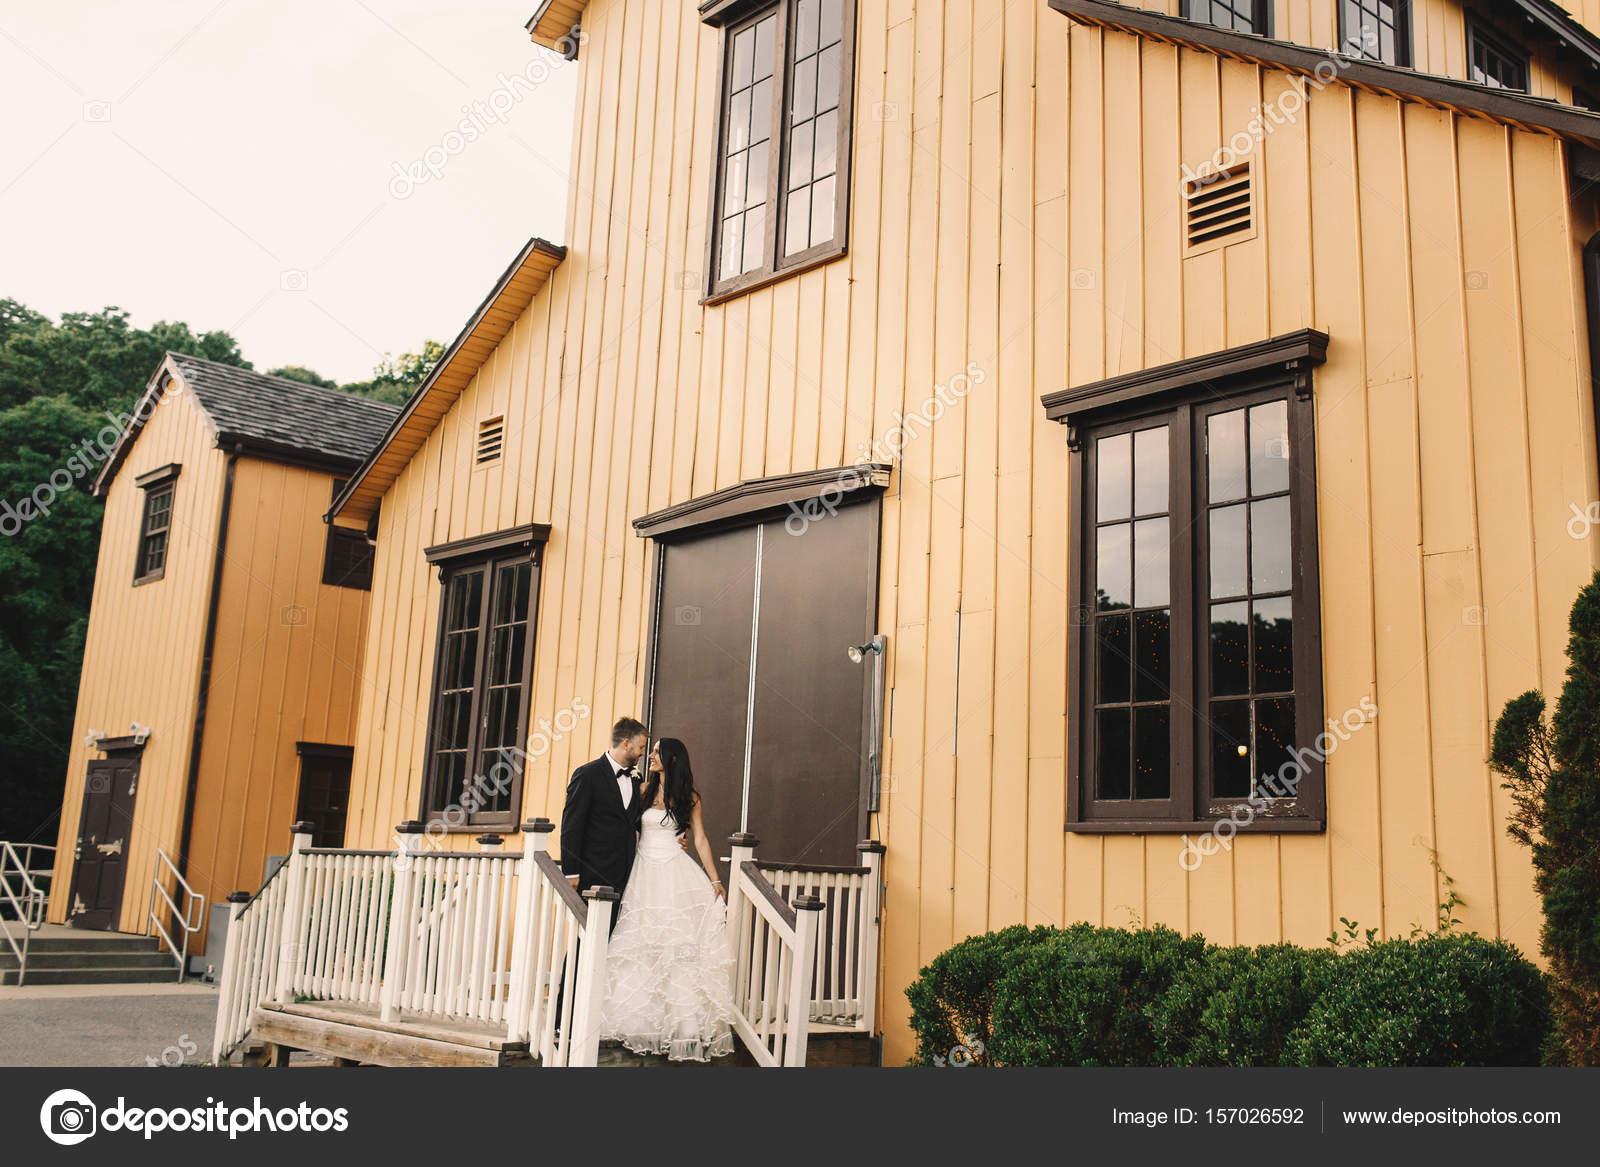 Le Porche De La Maison magnifiques jeunes mariés posent sur le porche de la maison en bois